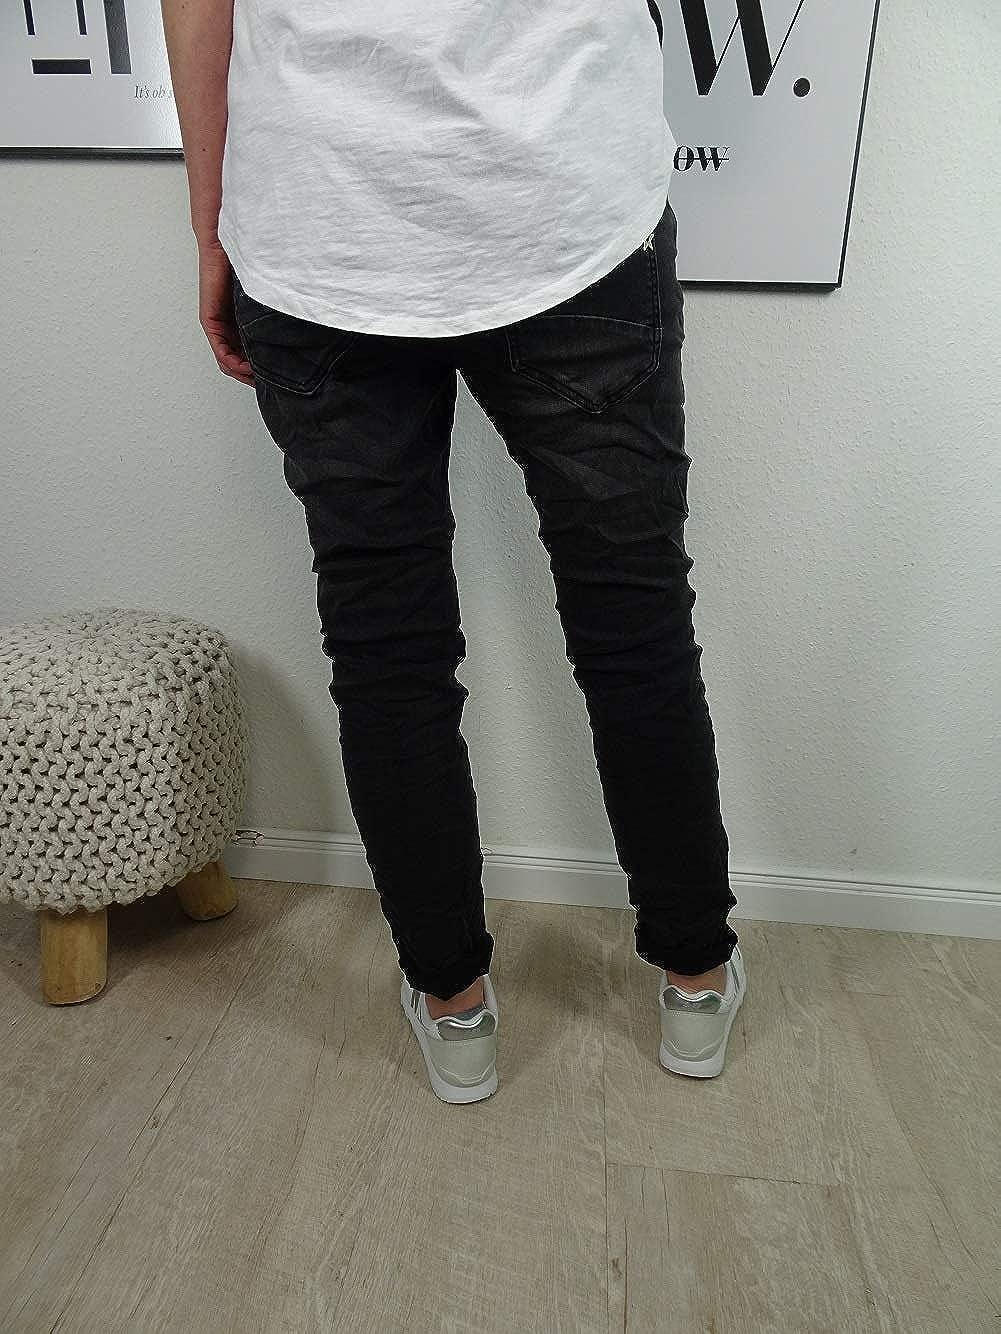 Karostar by Lexxury Denim Stretch Baggy-Boyfriend-Jeans Boyfriend 4 Boutons Rangée Ouverte de Boutons Autre Couleurs Denim Neuf Bouton